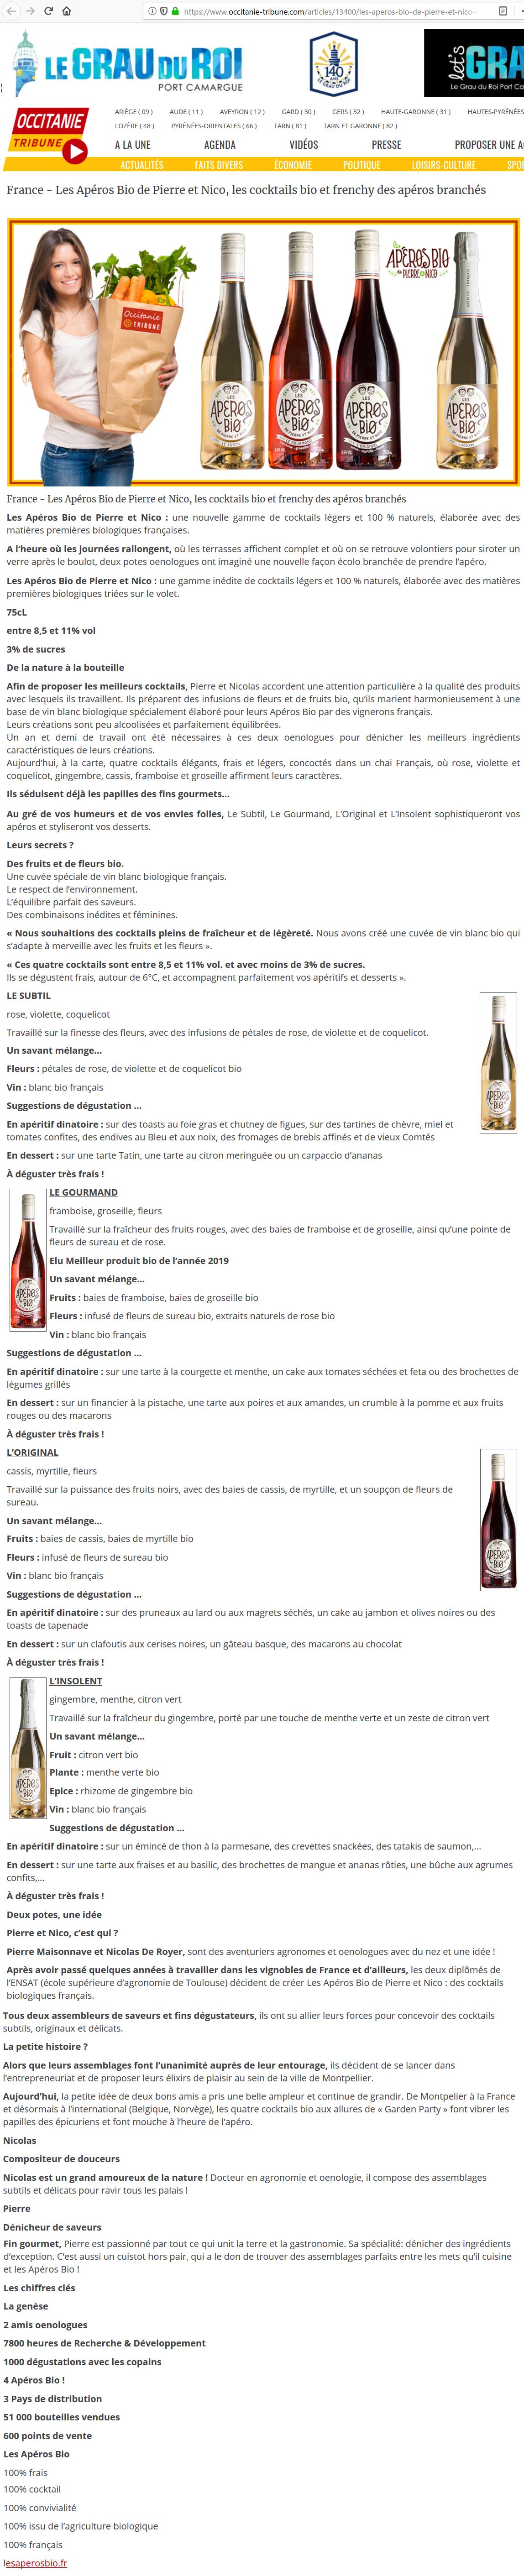 Les Apéros Bio de Pierre et Nico, les cocktails bio et frenchy des apéros branchés